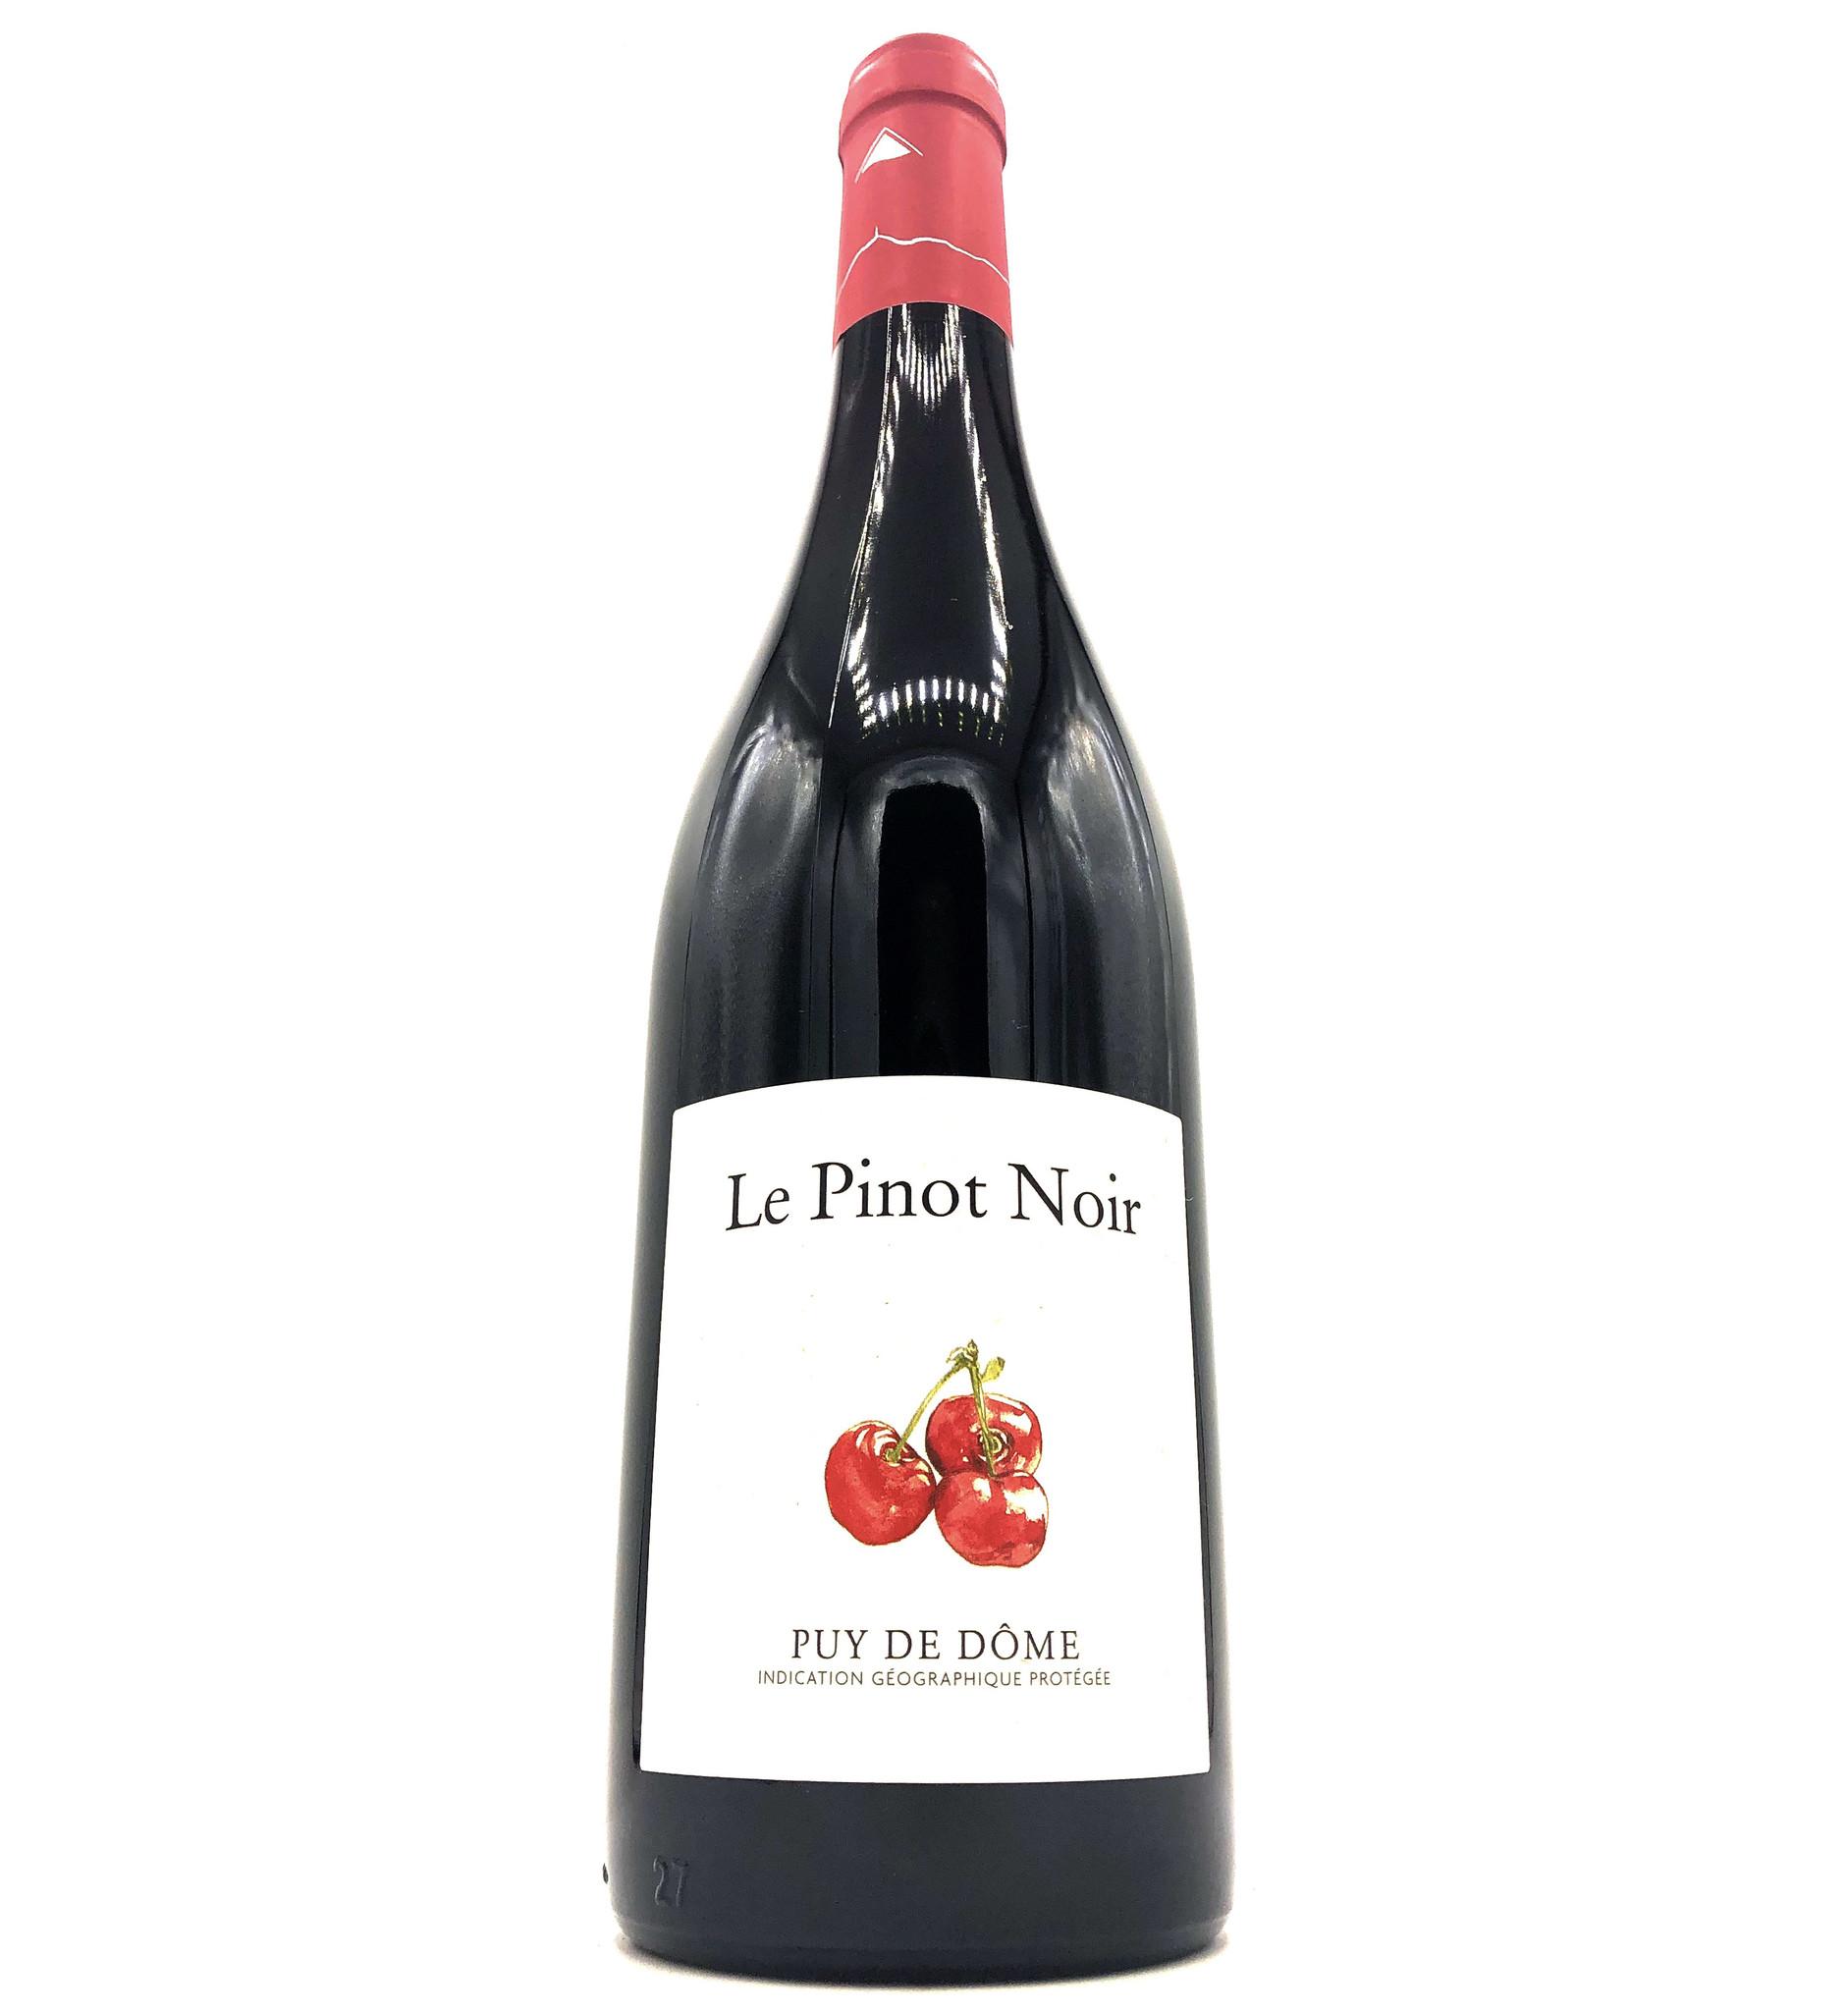 Le Pinot Noir 2019 Saint Verny Vignobles